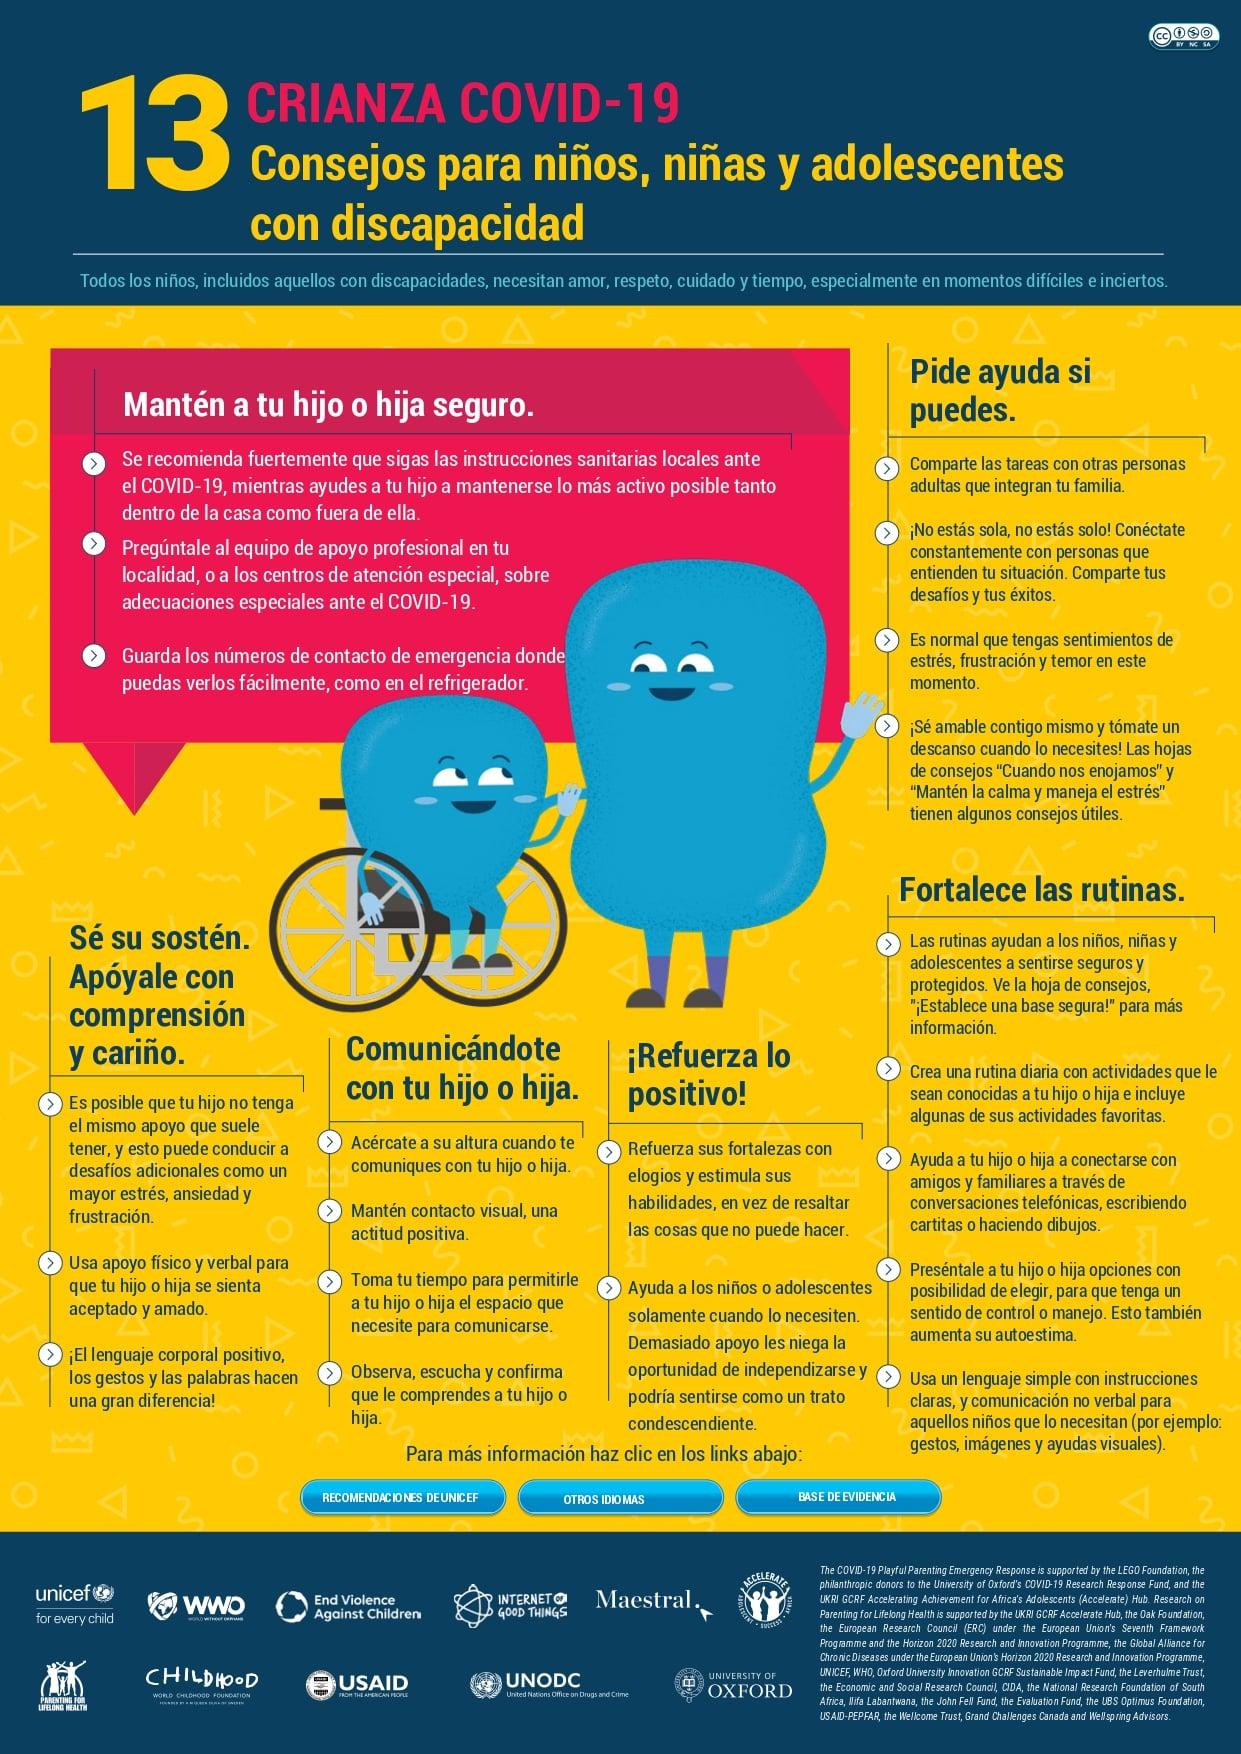 consejos para niños, niñas y adolescentes con discapacidad